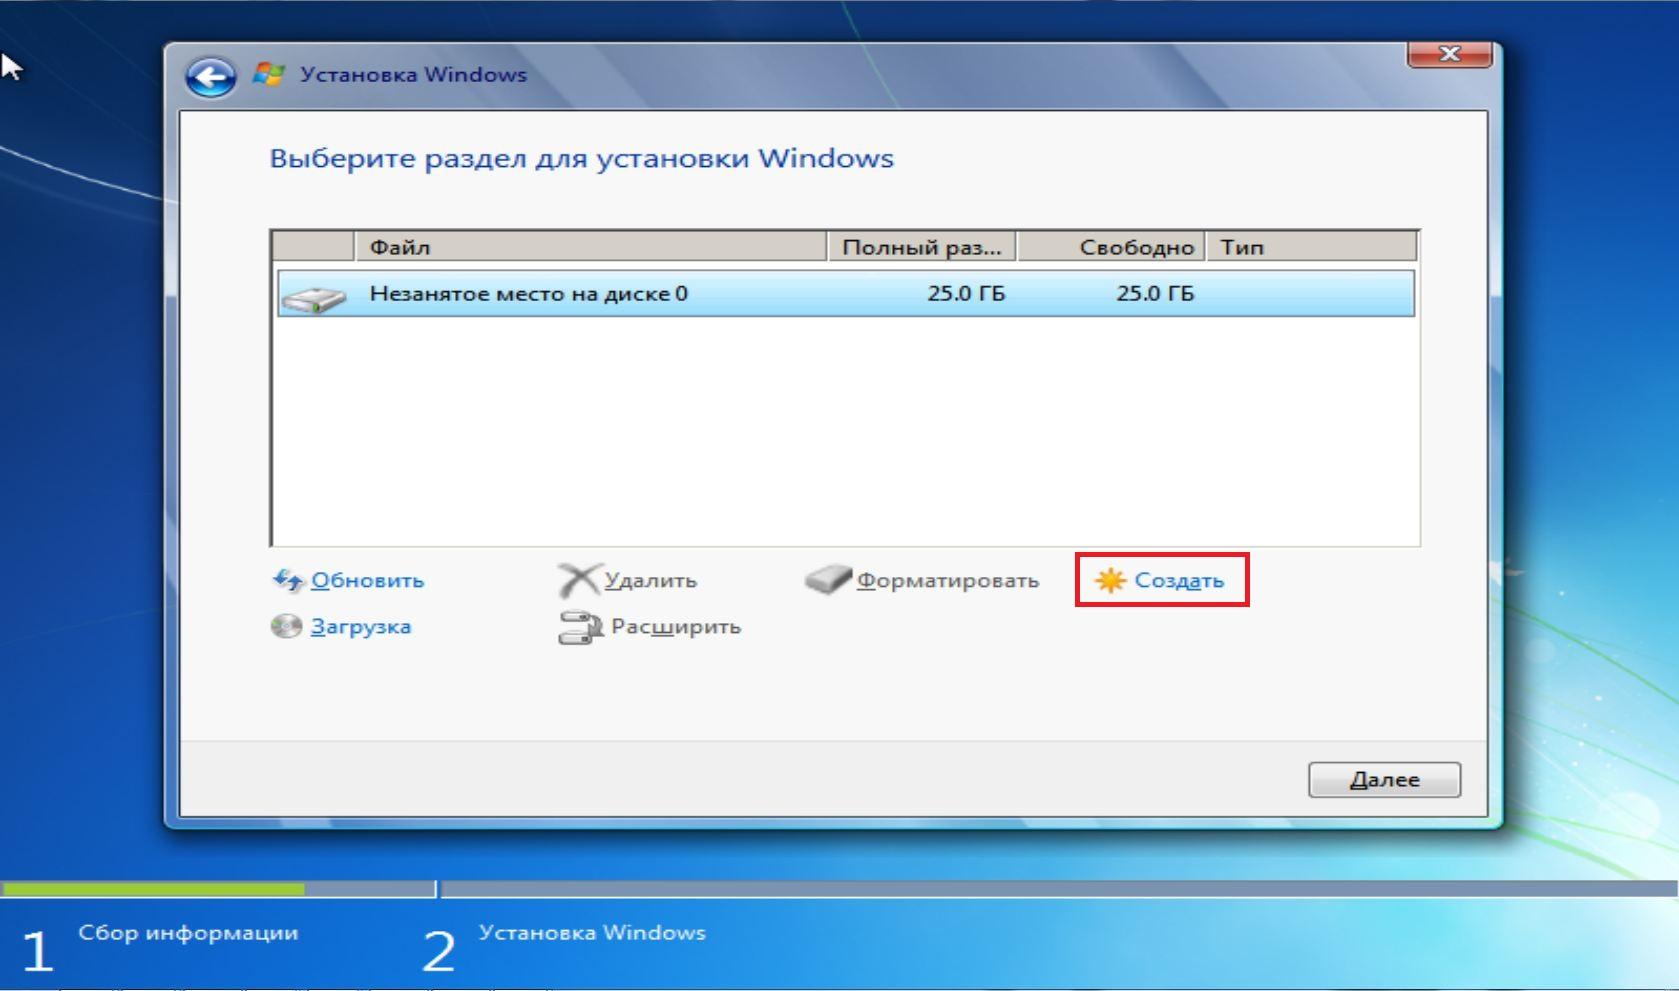 Создание диска в Windows 7